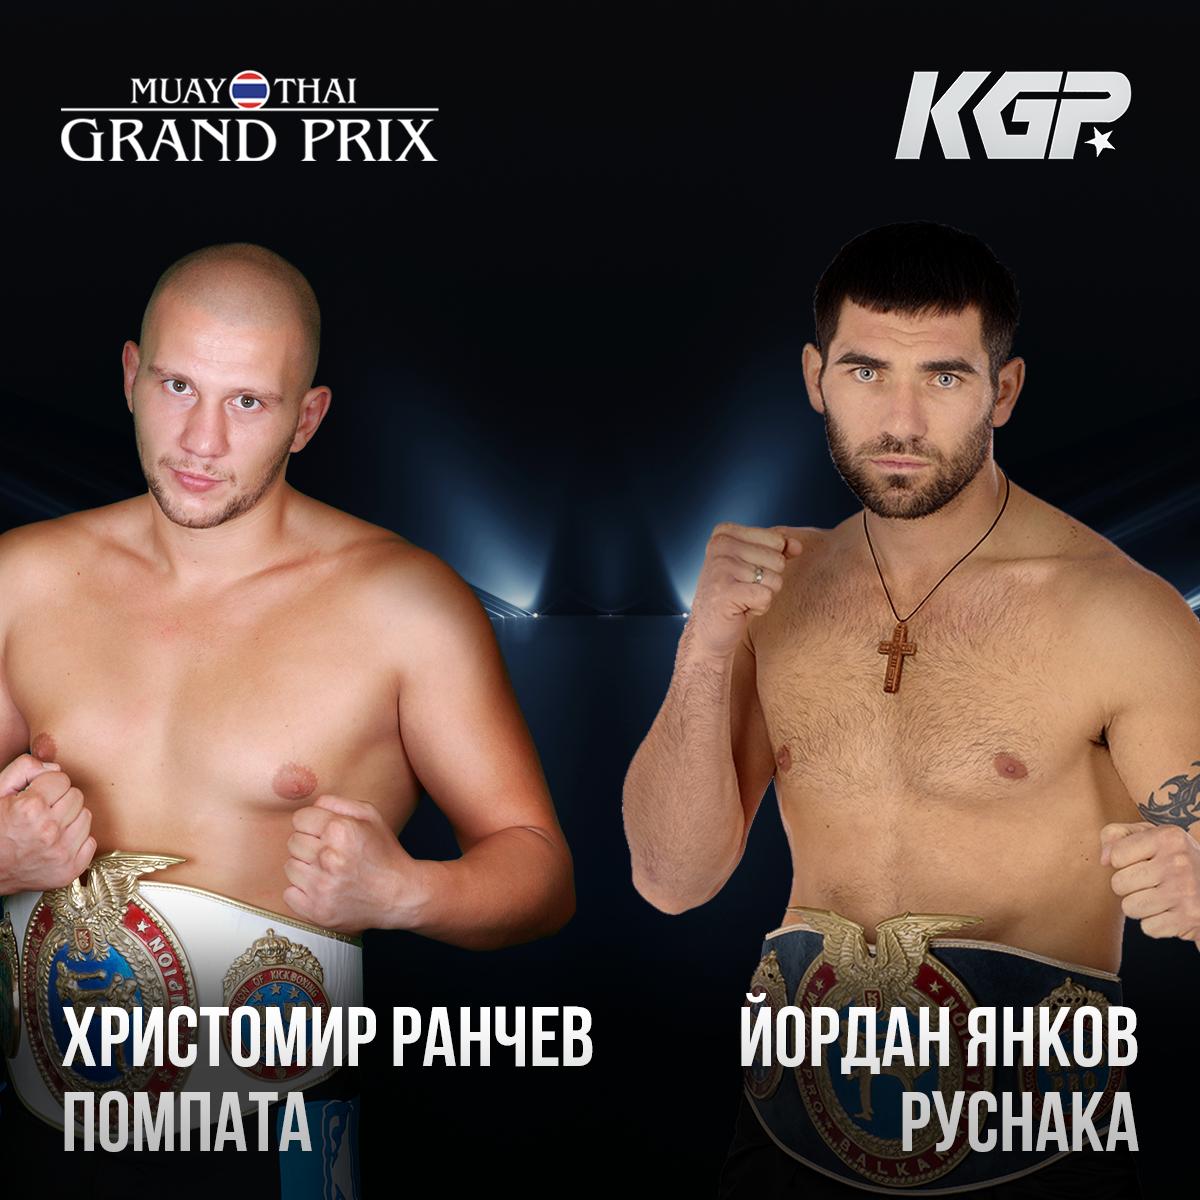 Руснака срещу Помпата в мач-реванш! Двамата излизат на турнира Muay thai grand prix Bulgaria